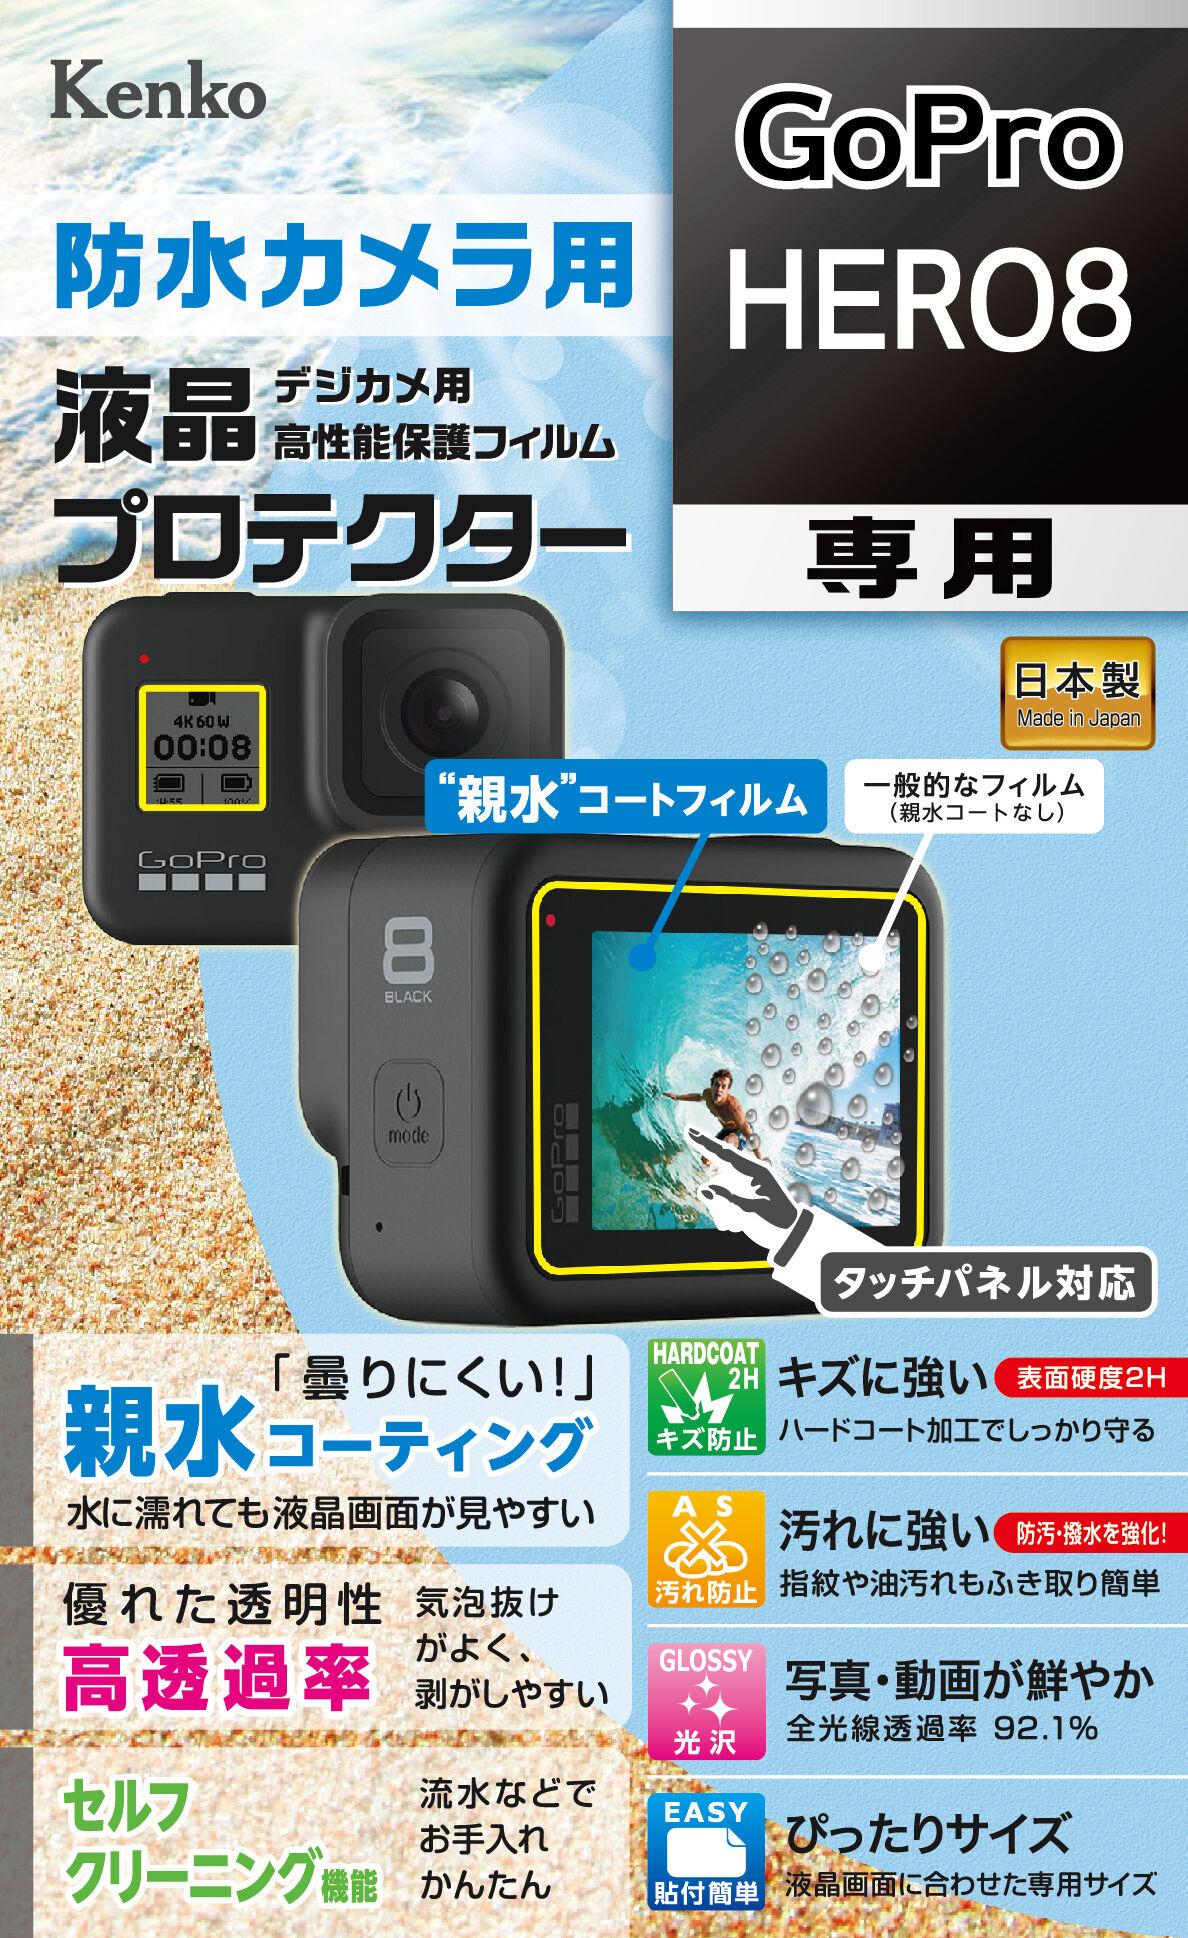 https://www.kenko-tokina.co.jp/imaging/eq/mt-images/4961607879283.jpg